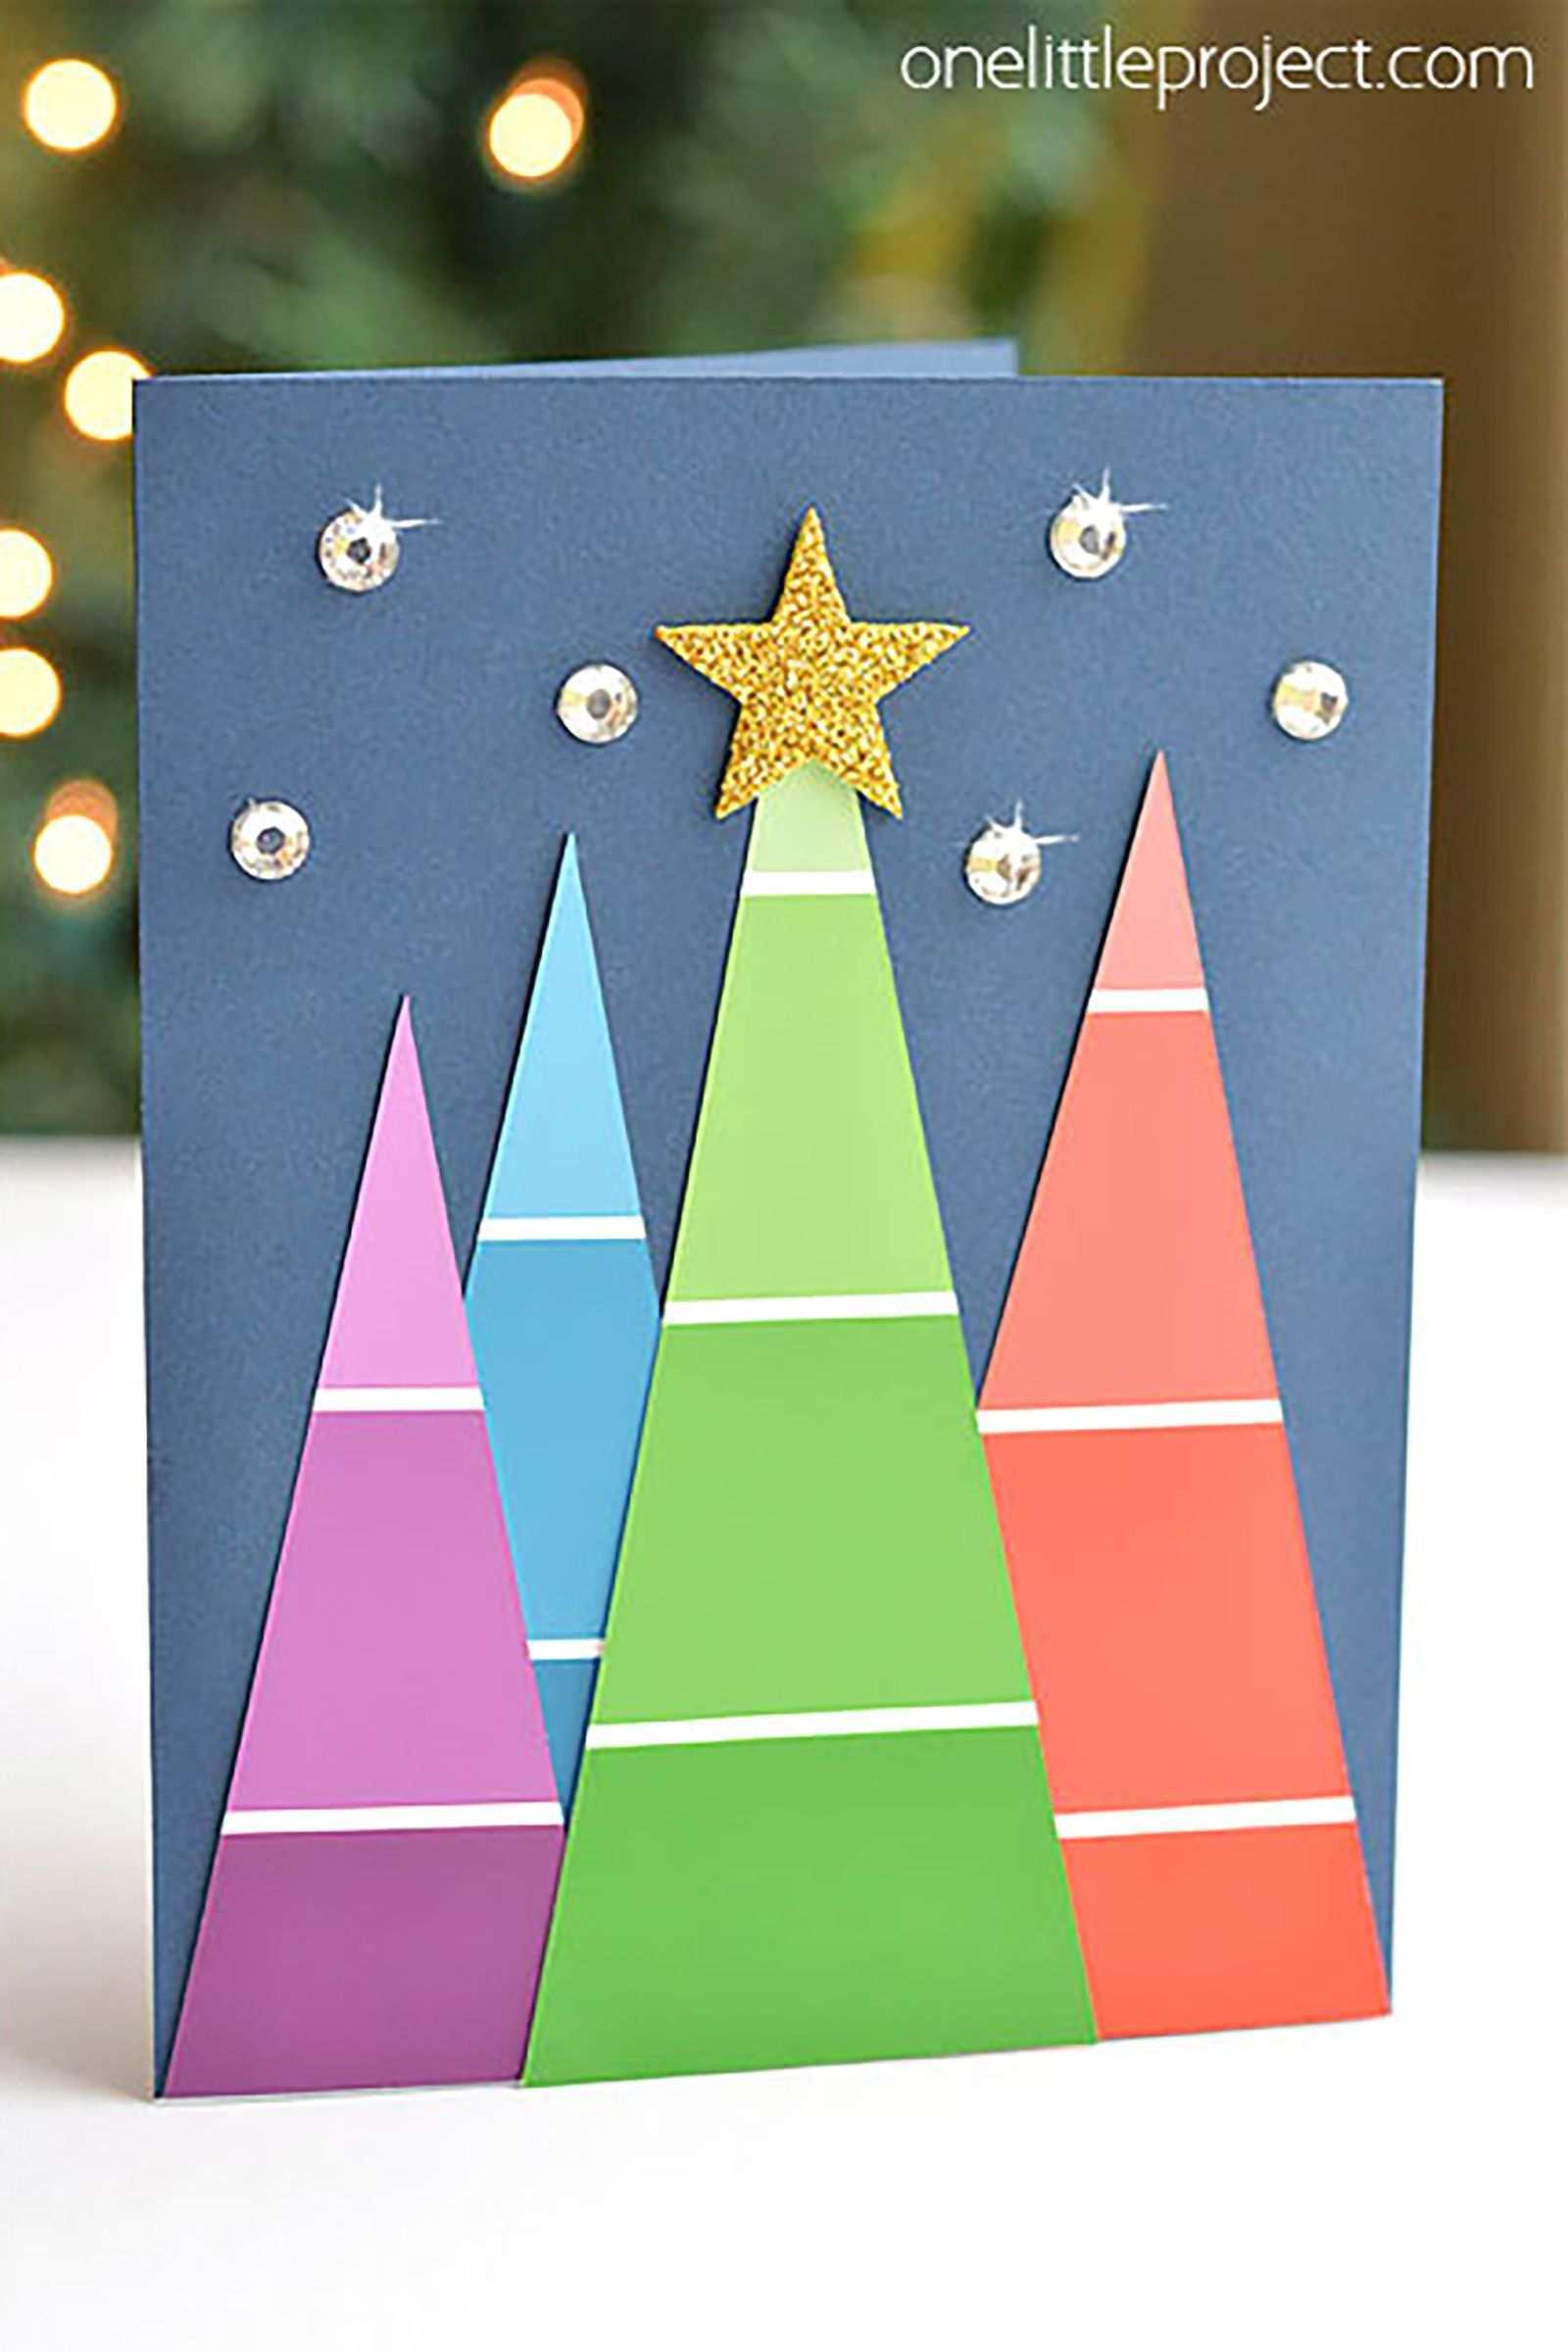 60 Printable Christmas Card Design Templates Ks2 Maker with Christmas Card Design Templates Ks2